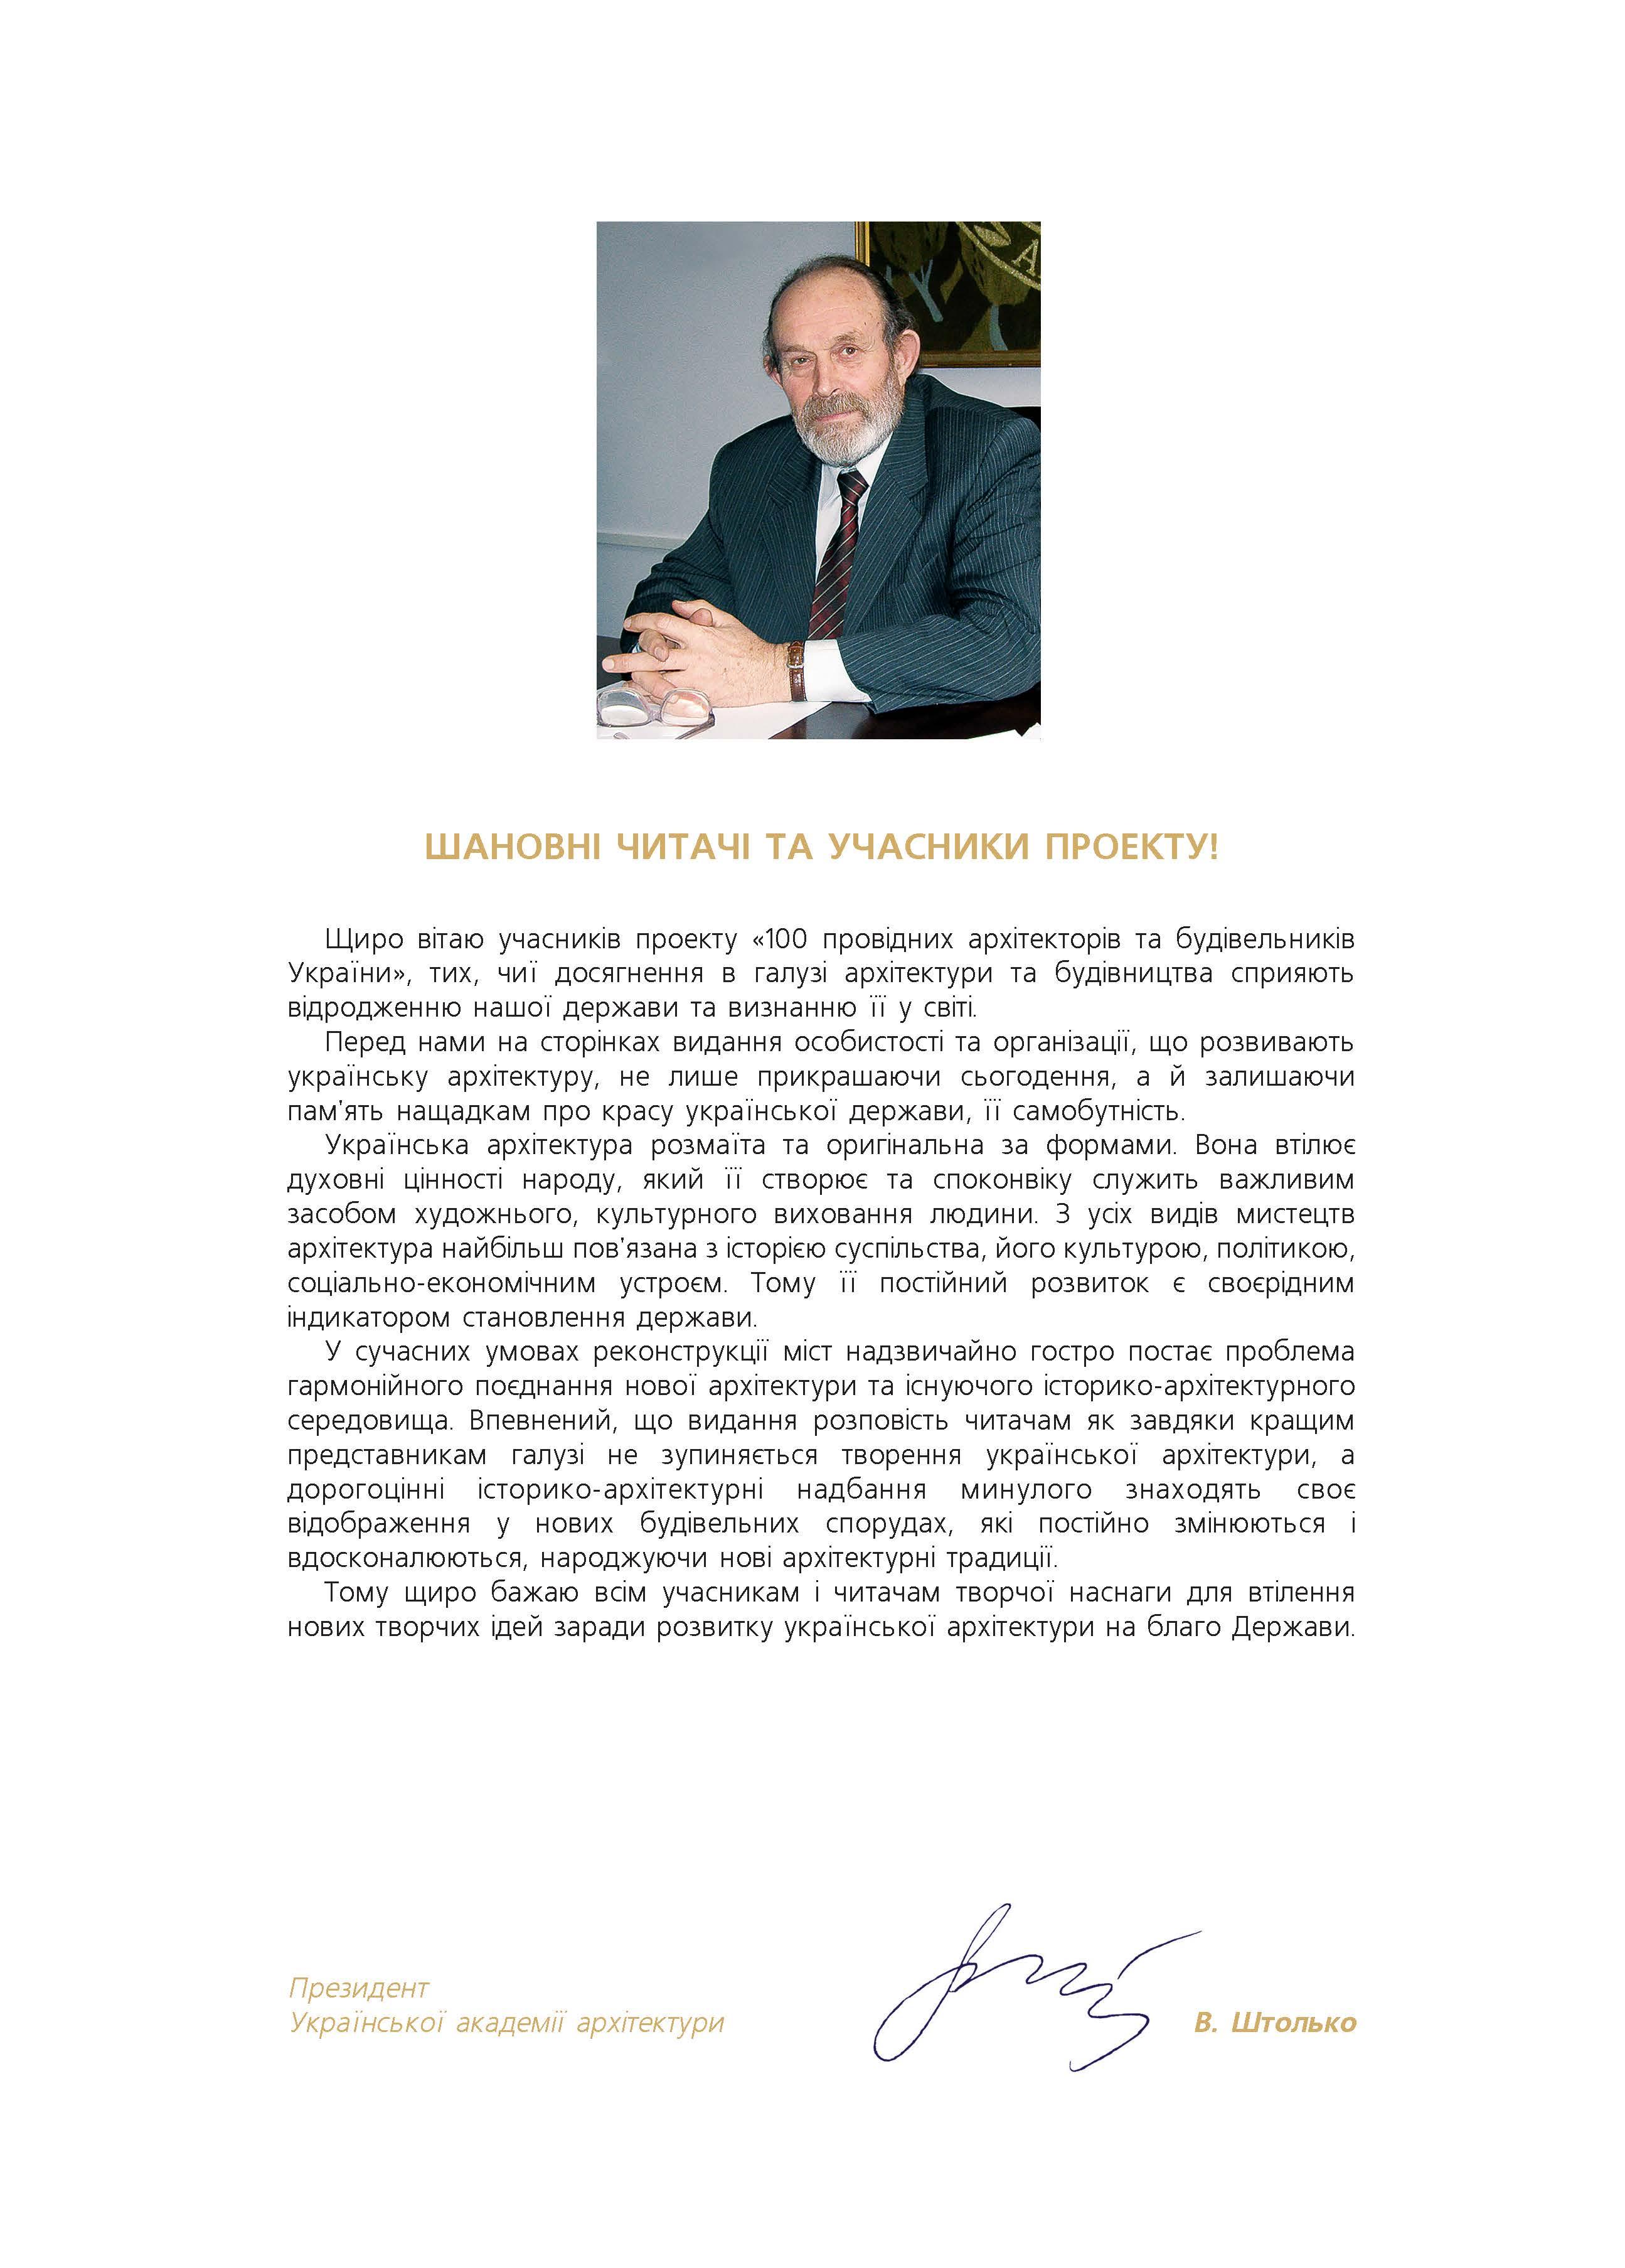 Привітання Президента Української академії архітектури В.Штолька